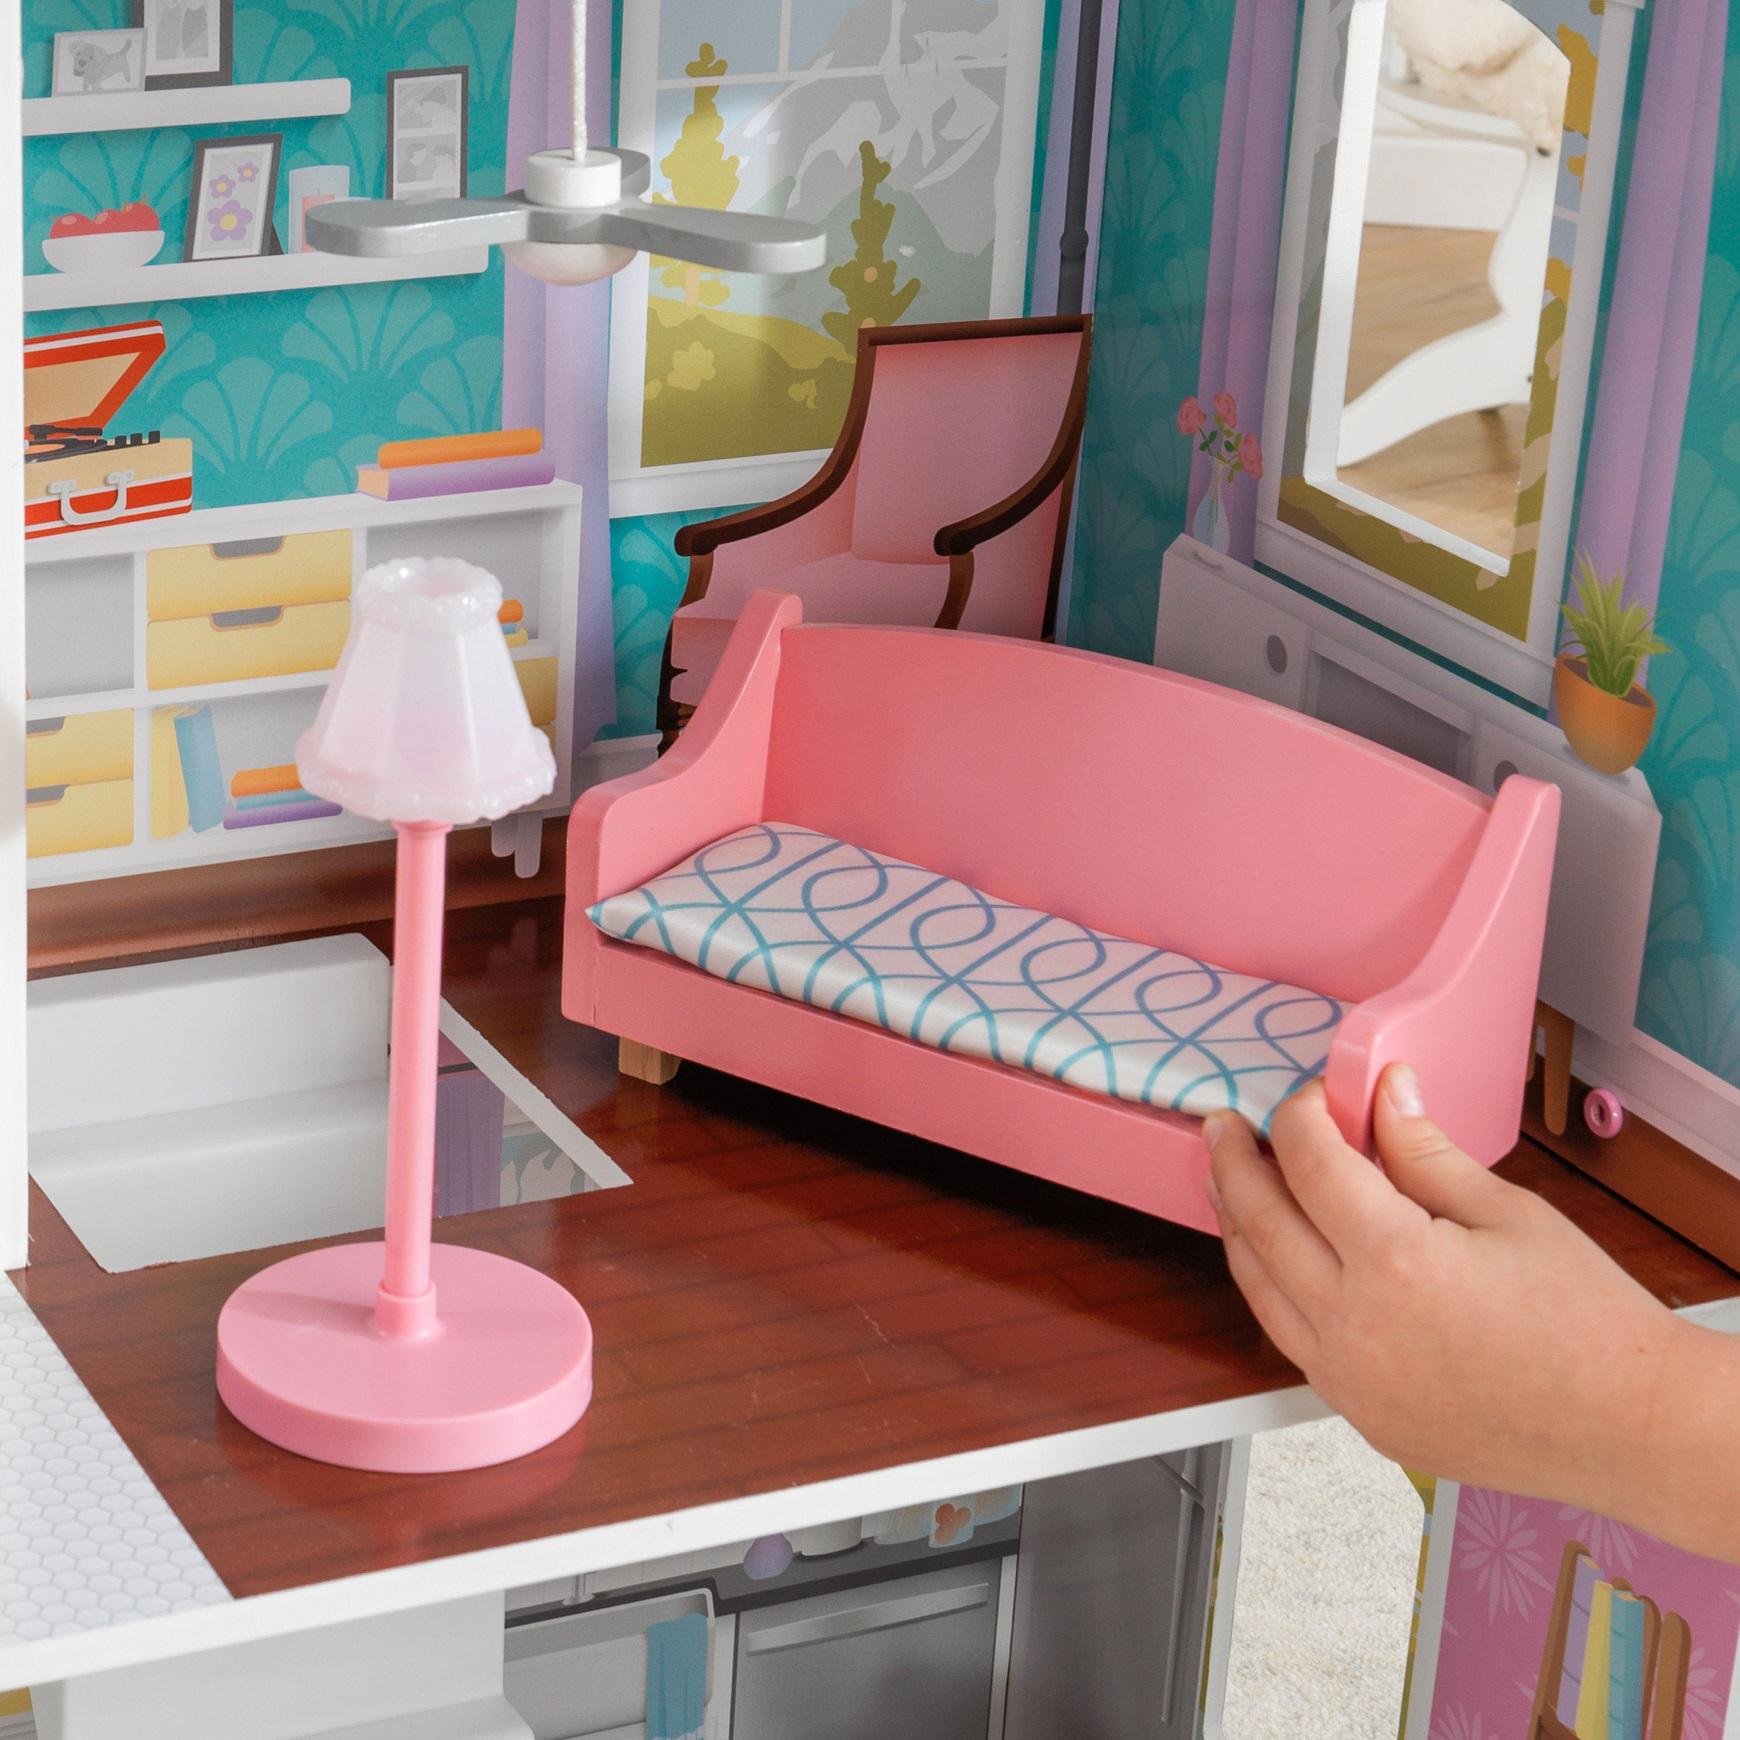 Detalle de lámpara y sofa de la kidkraft casa de muñecas glendale manor 65940 width=